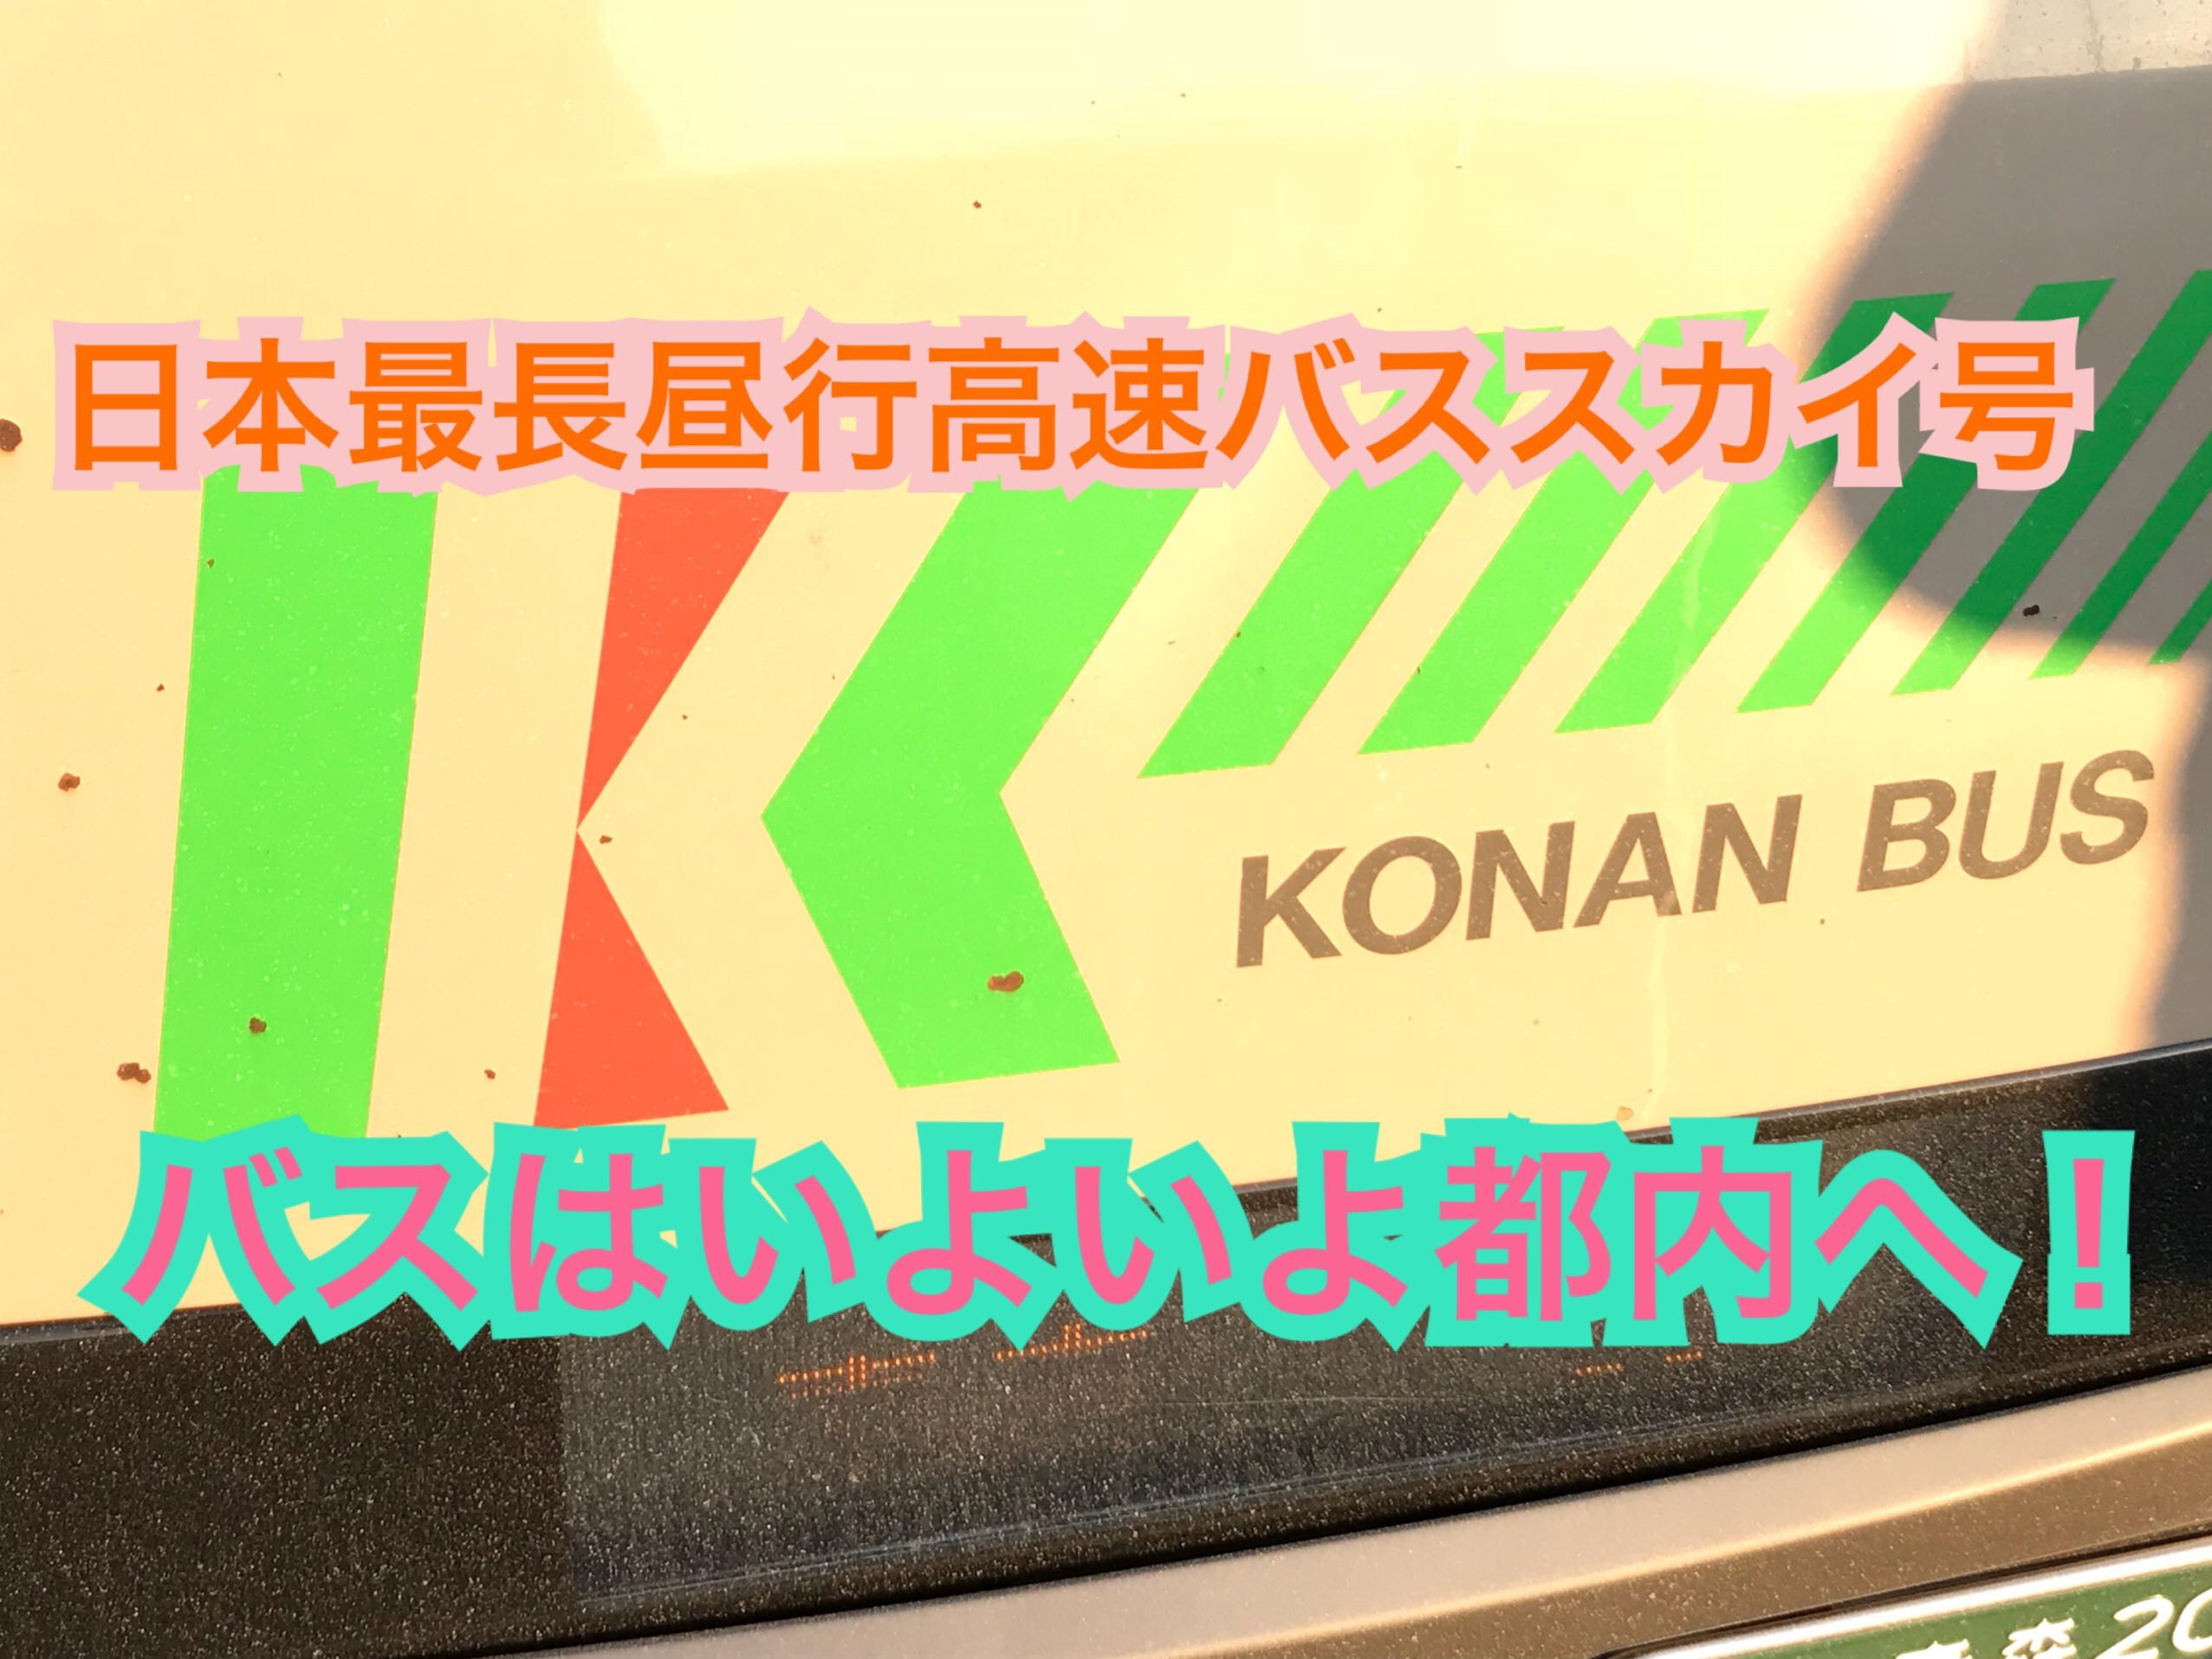 青森からの旅路の終点。日本最長昼行高速バススカイ号に乗車!仙台〜東京【雪国周遊旅】